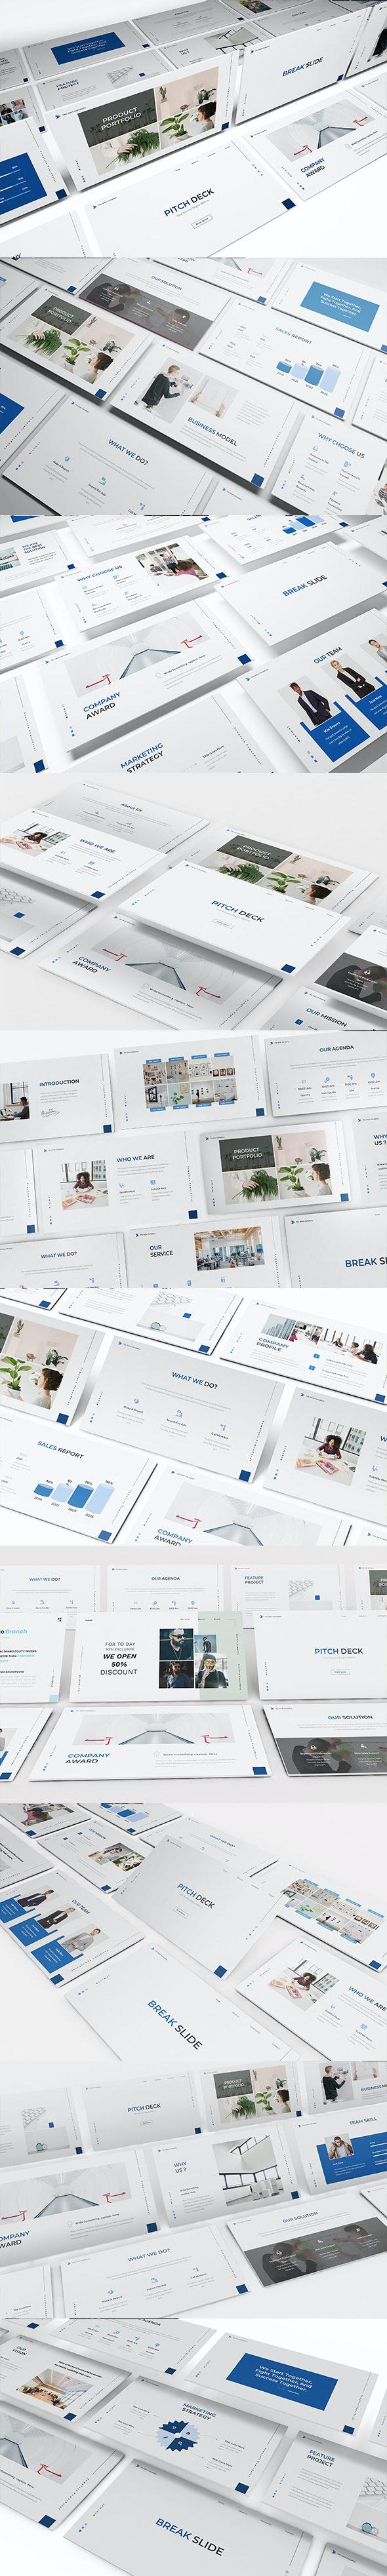 Pitch Deck Bussines Google Slide Template - Google Slides Presentation Templates